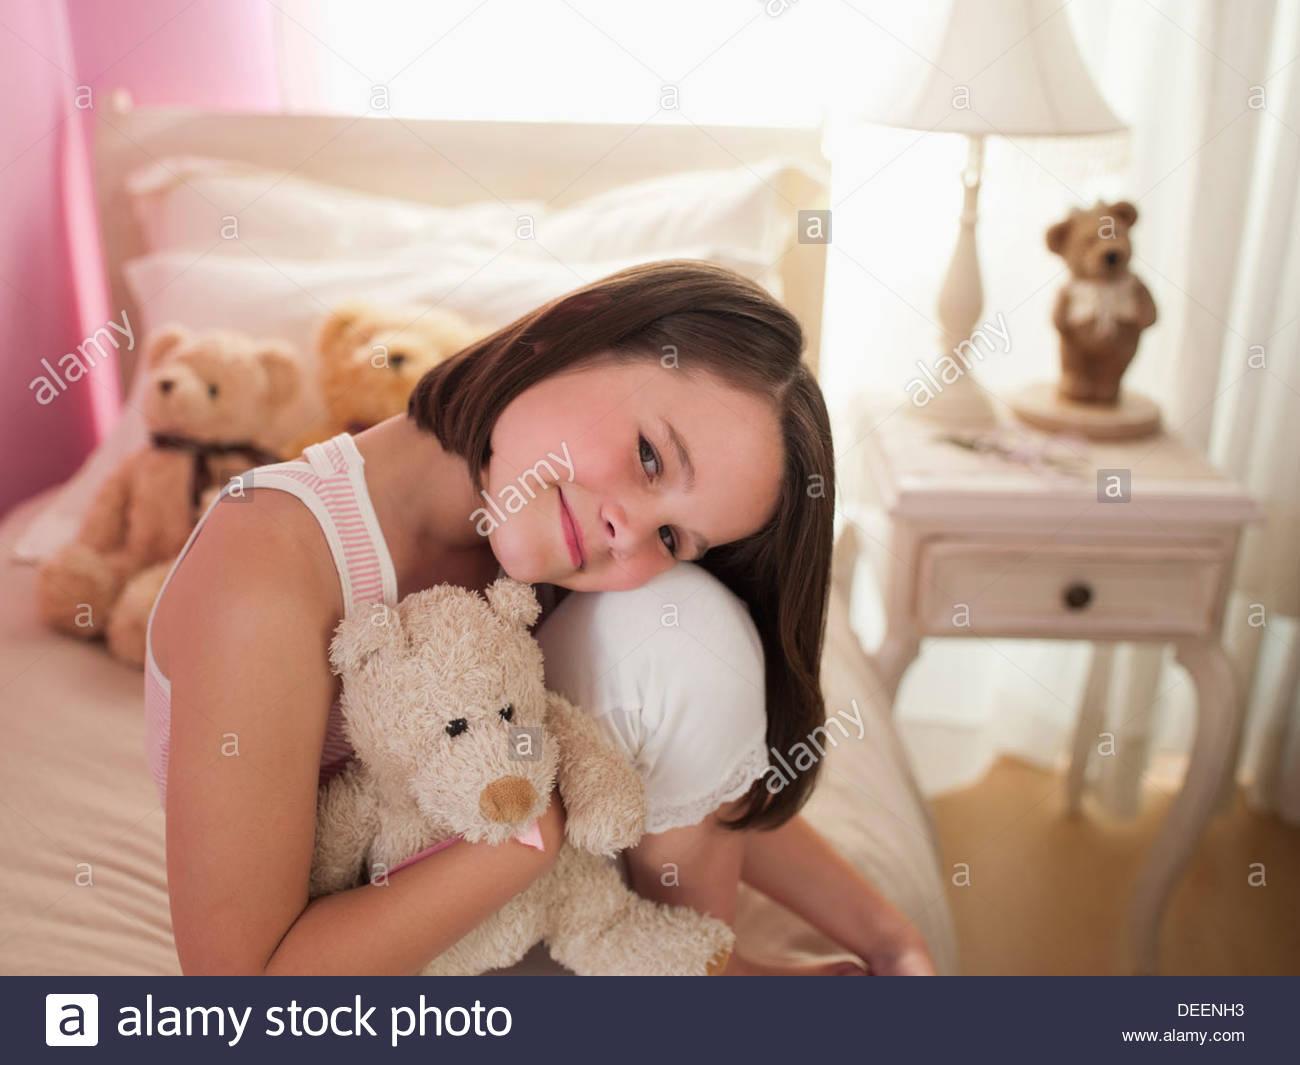 Chica abrazando el muñeco de peluche en la cama Imagen De Stock